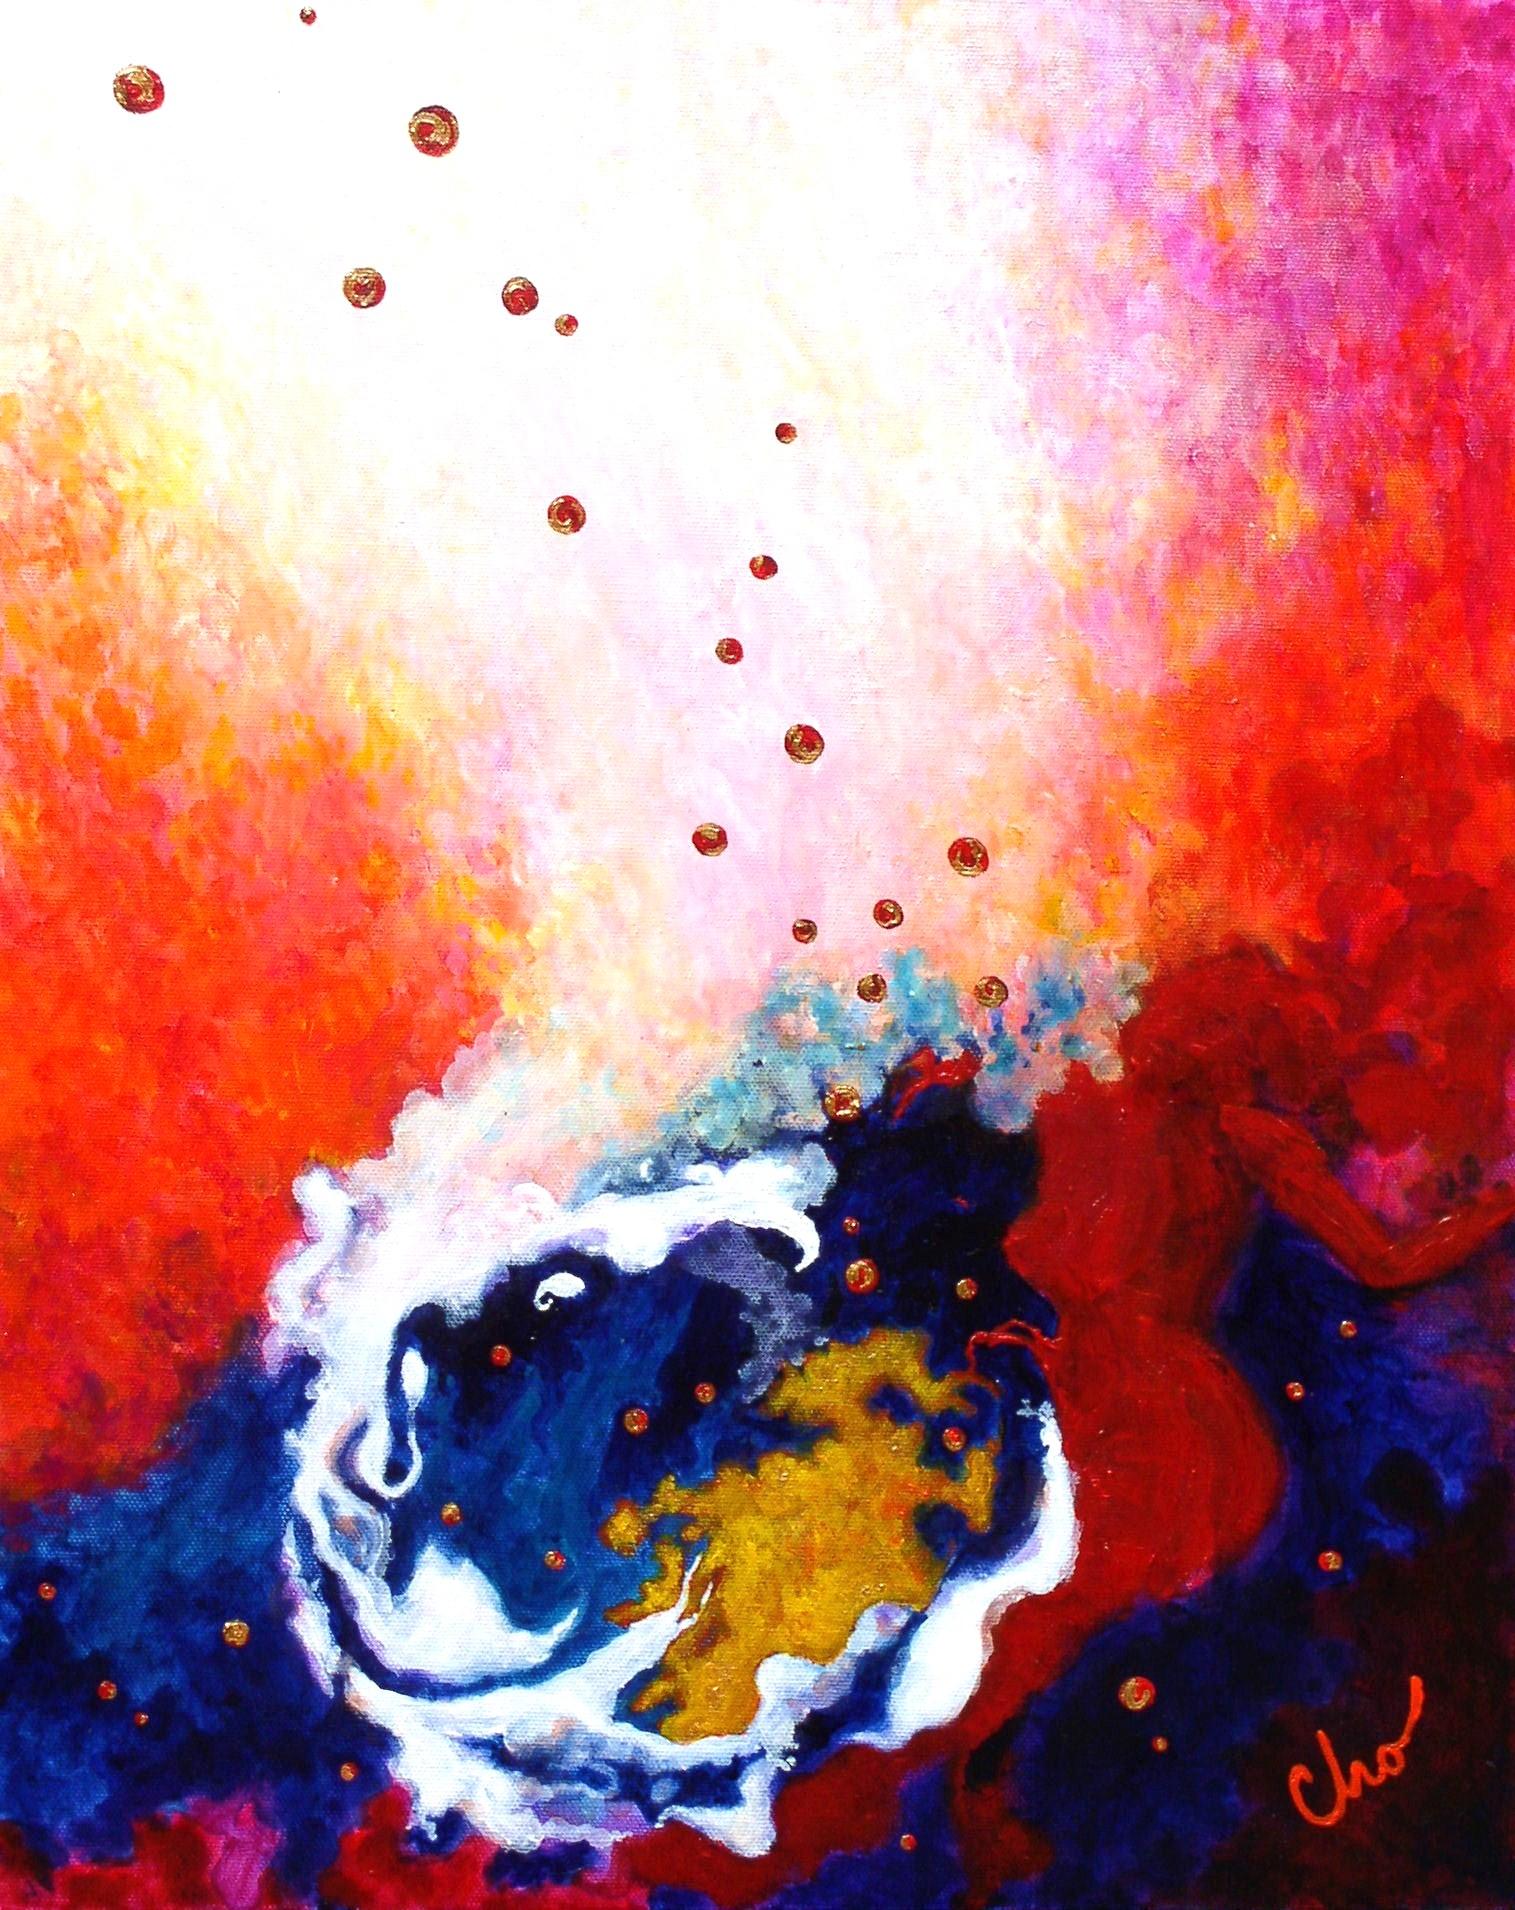 Cosmic Hot-tub--20x16 Ma 2010 aka Merging Strength